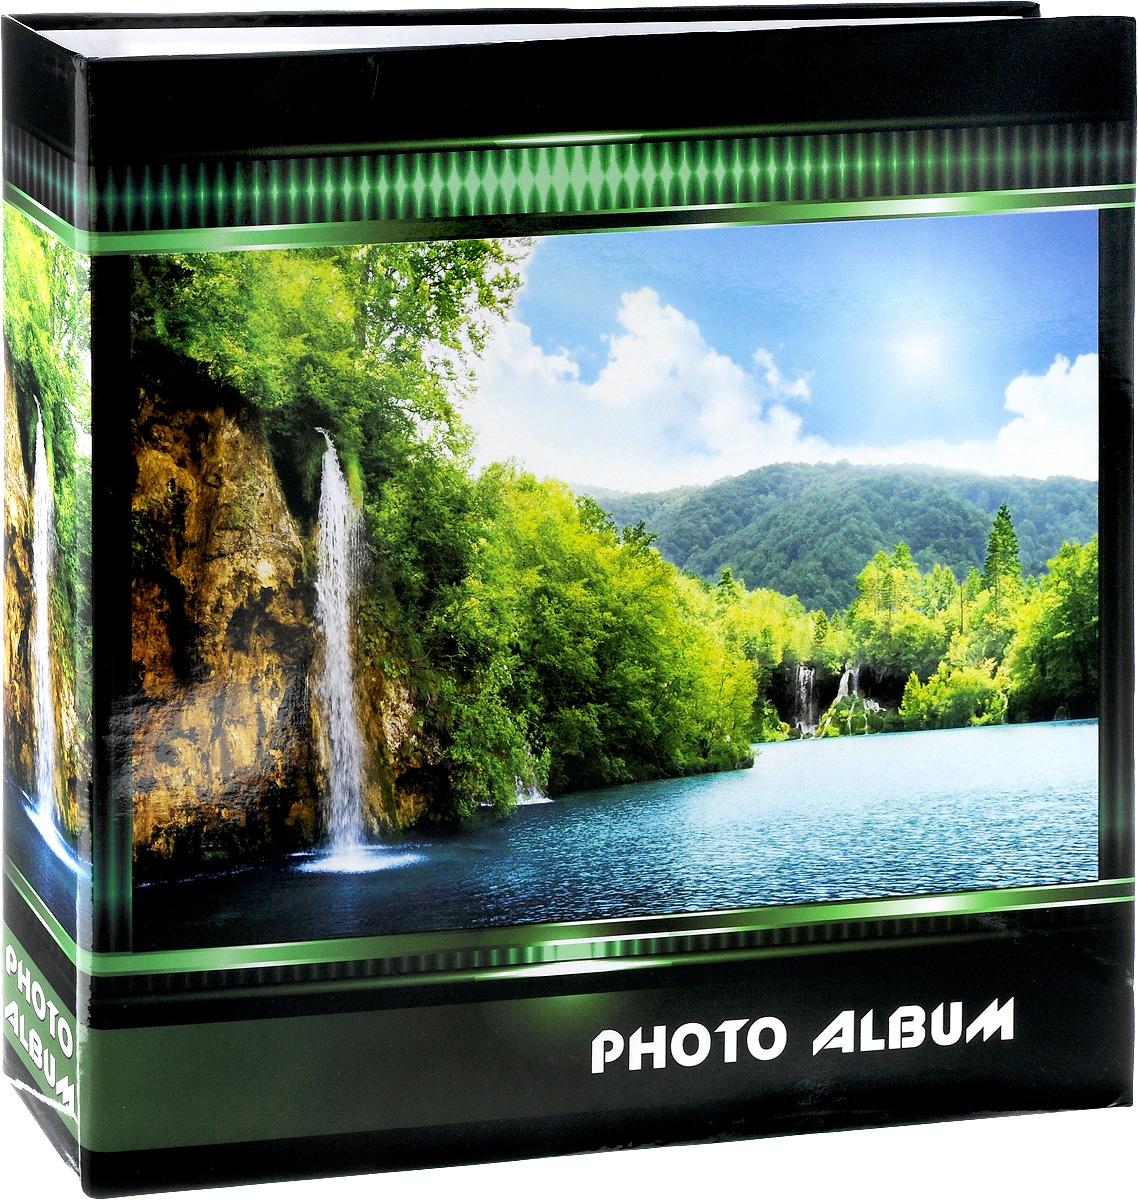 Фотоальбом Pioneer Waterfalls, 500 фотографий, цвет: зеленый, 10 x 15 см74-0060Фотоальбом Pioneer Waterfalls позволит вам запечатлеть незабываемые моменты вашей жизни, сохранить свои истории и воспоминания на его страницах. Обложка из ламинированного картона оформлена принтом в виде водопада. Фотоальбом рассчитан на 500 фотографии форматом 10 x 15 см. Фотографии фиксируется внутри с помощью кармашек. Такой необычный фотоальбом позволит легко заполнить страницы вашей истории, и с годами ничего не забудется. На странице размещаются 5 фотографий: 3 горизонтально и 2 вертикально. Количество страниц: 100. Материал обложки: Ламинированный картон. Переплет: на кольцах. Материалы, использованные в изготовлении альбома, обеспечивают высокое качество хранения ваших фотографий, поэтому фотографии не желтеют со временем.